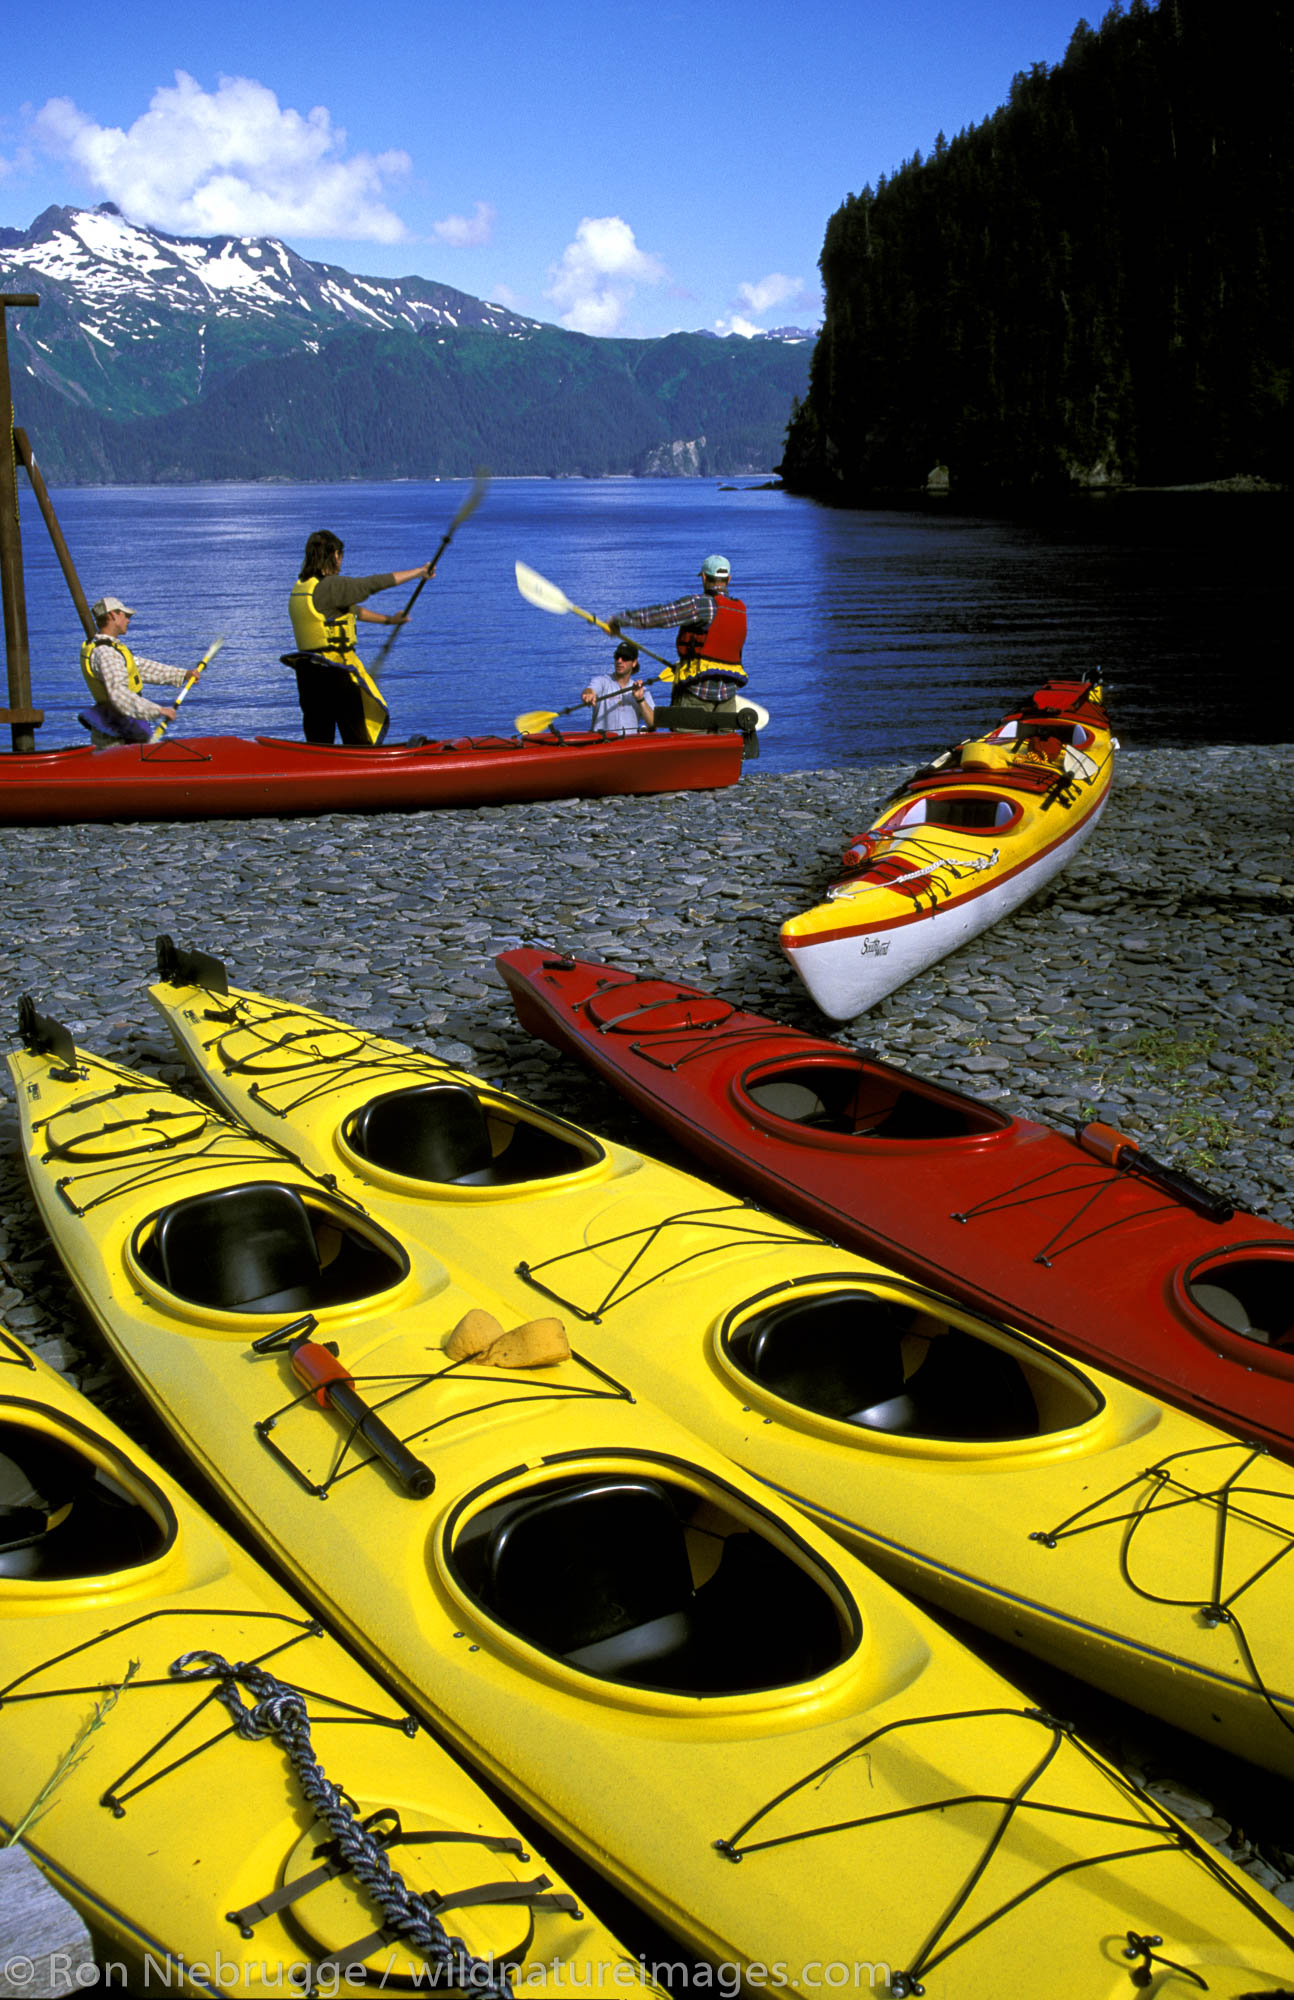 Kayak Lessons at Fox island,  near Kenai Fjords National Park,  Alaska.